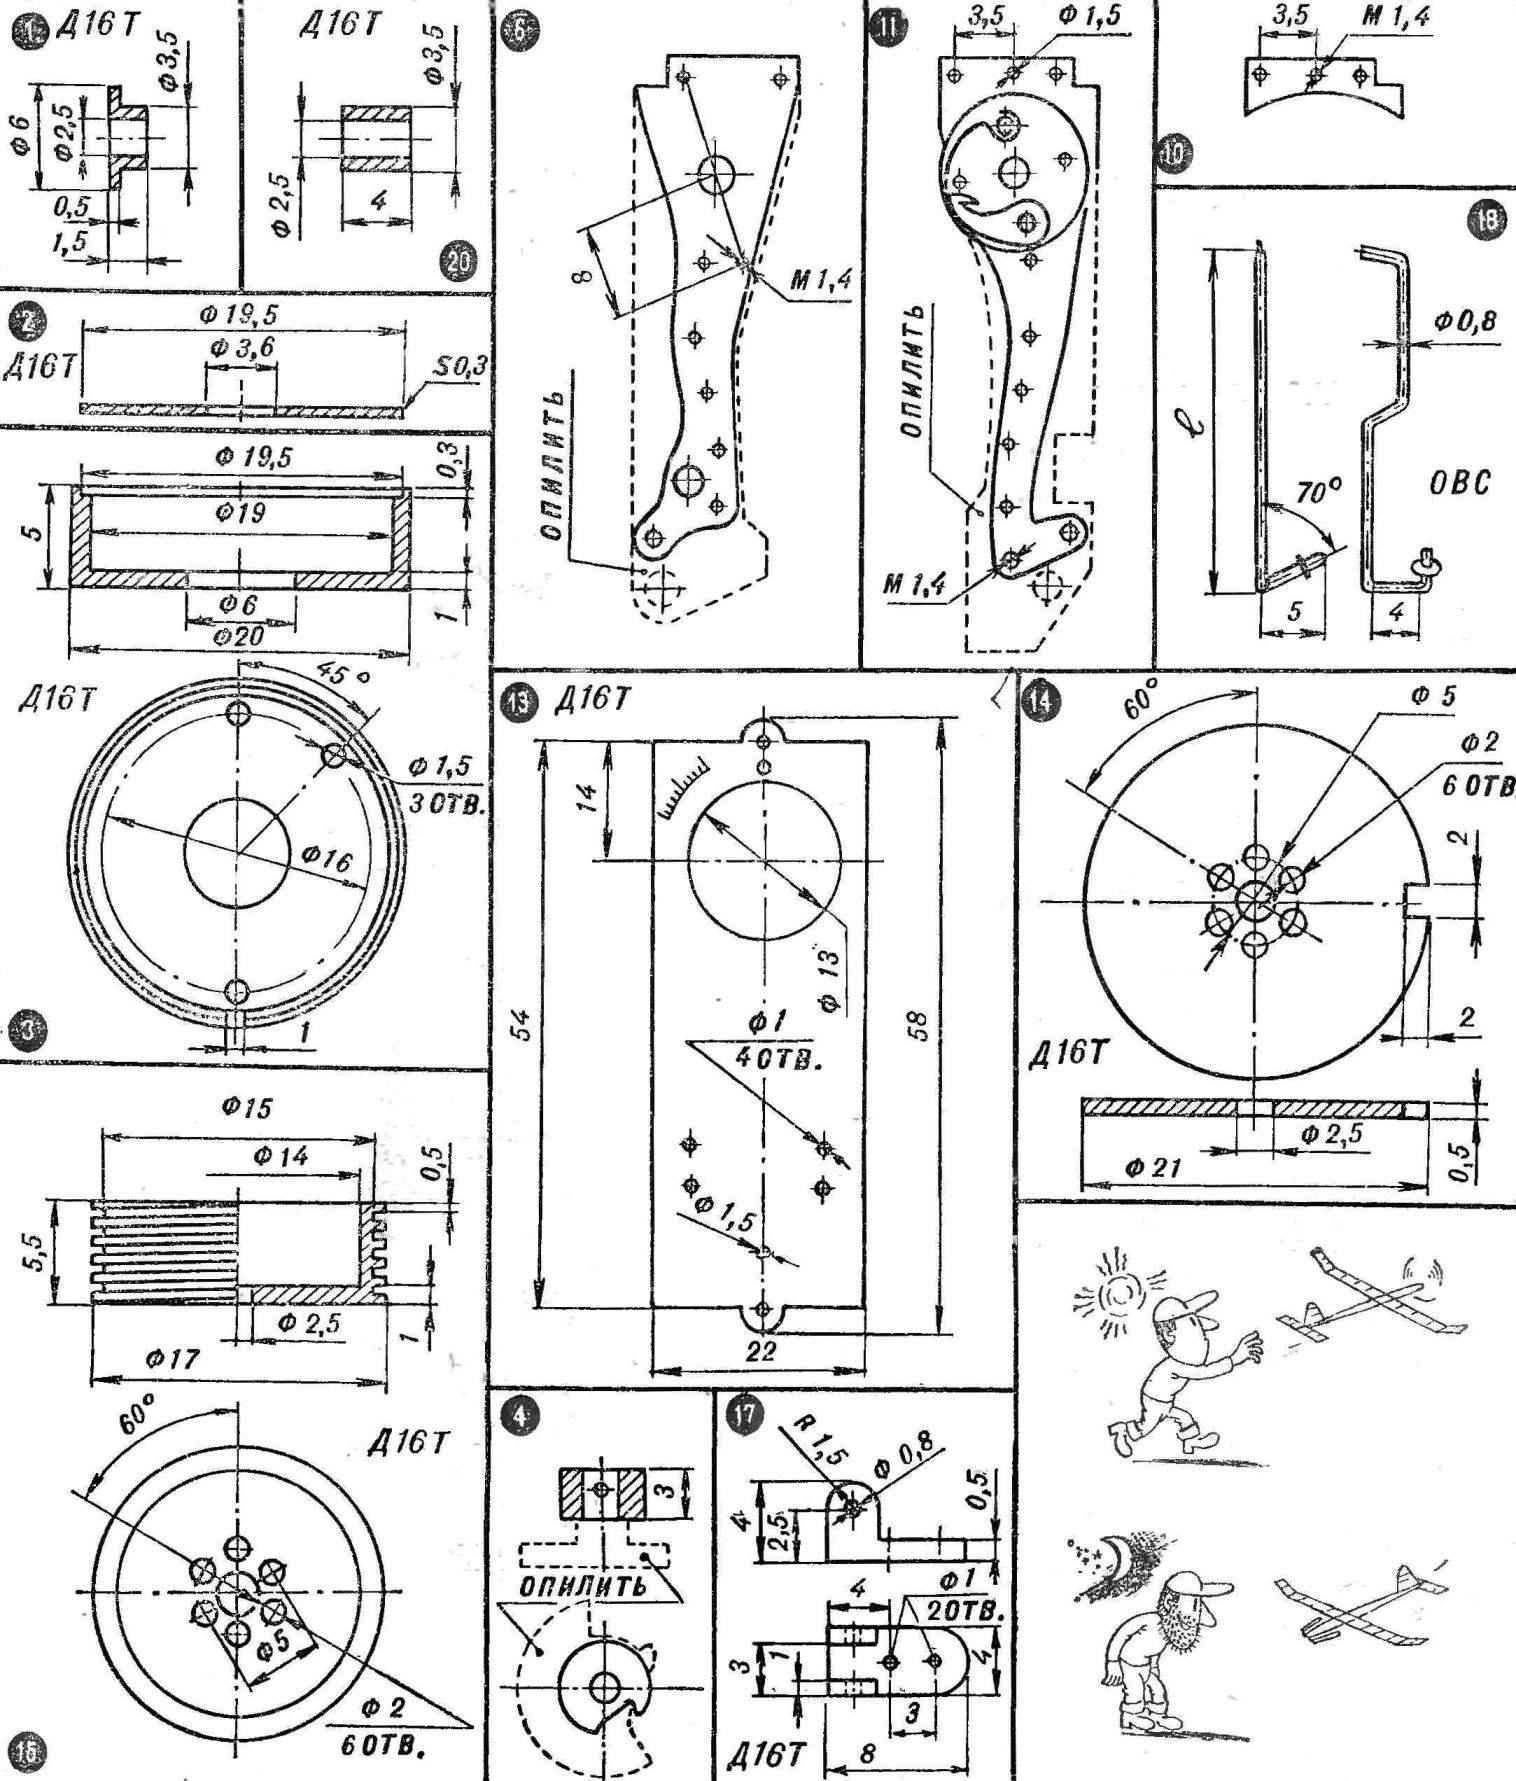 Рис. 1. Устройство таймера резиномоторной модели